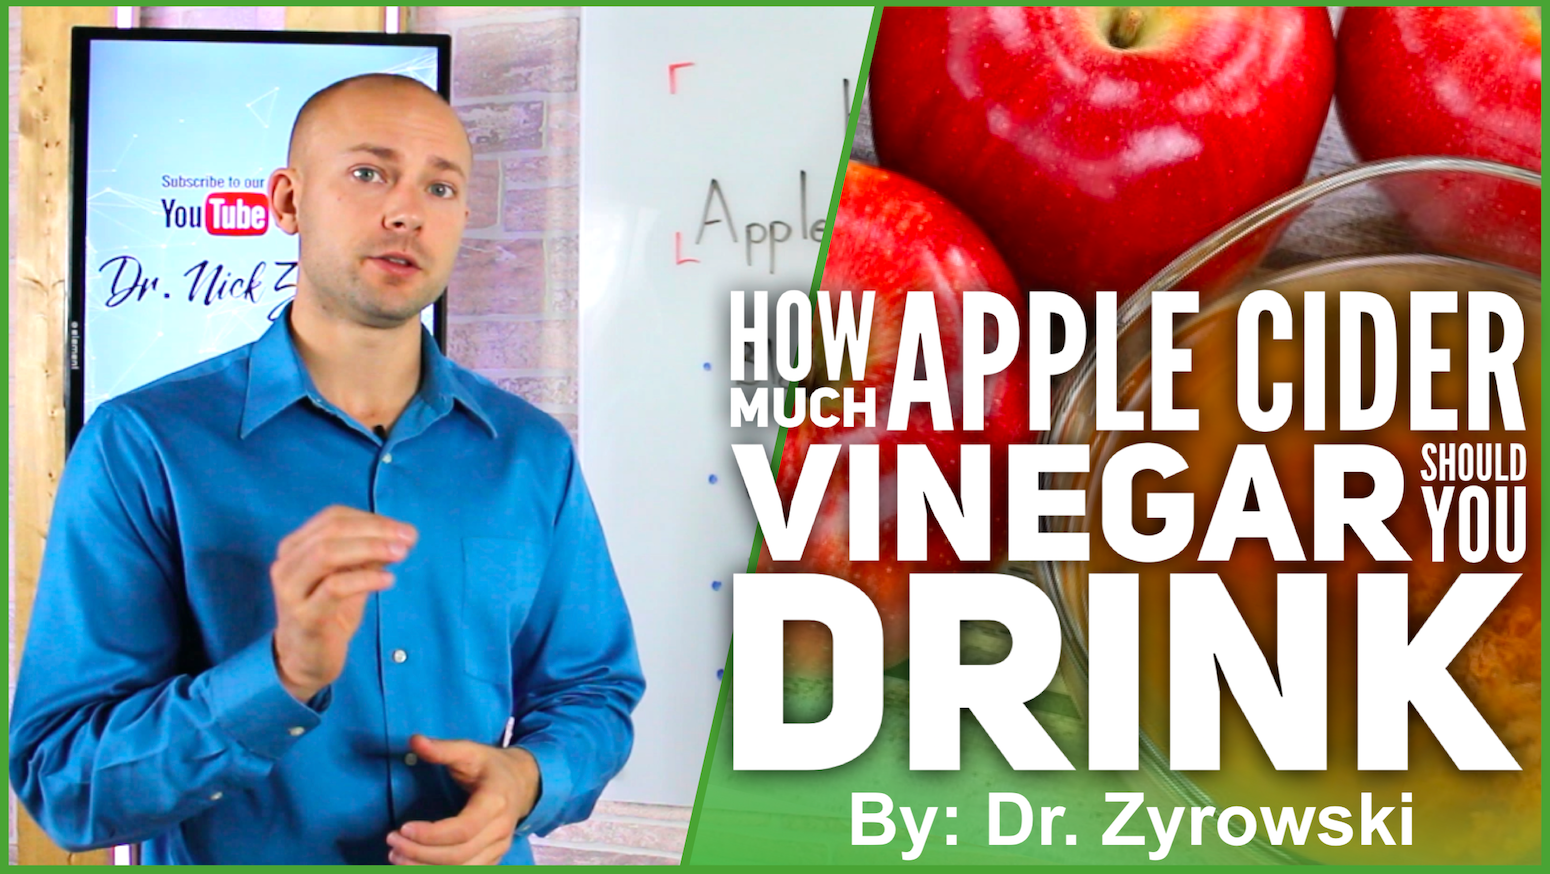 How Much Apple Cider Vinegar Should You Drink